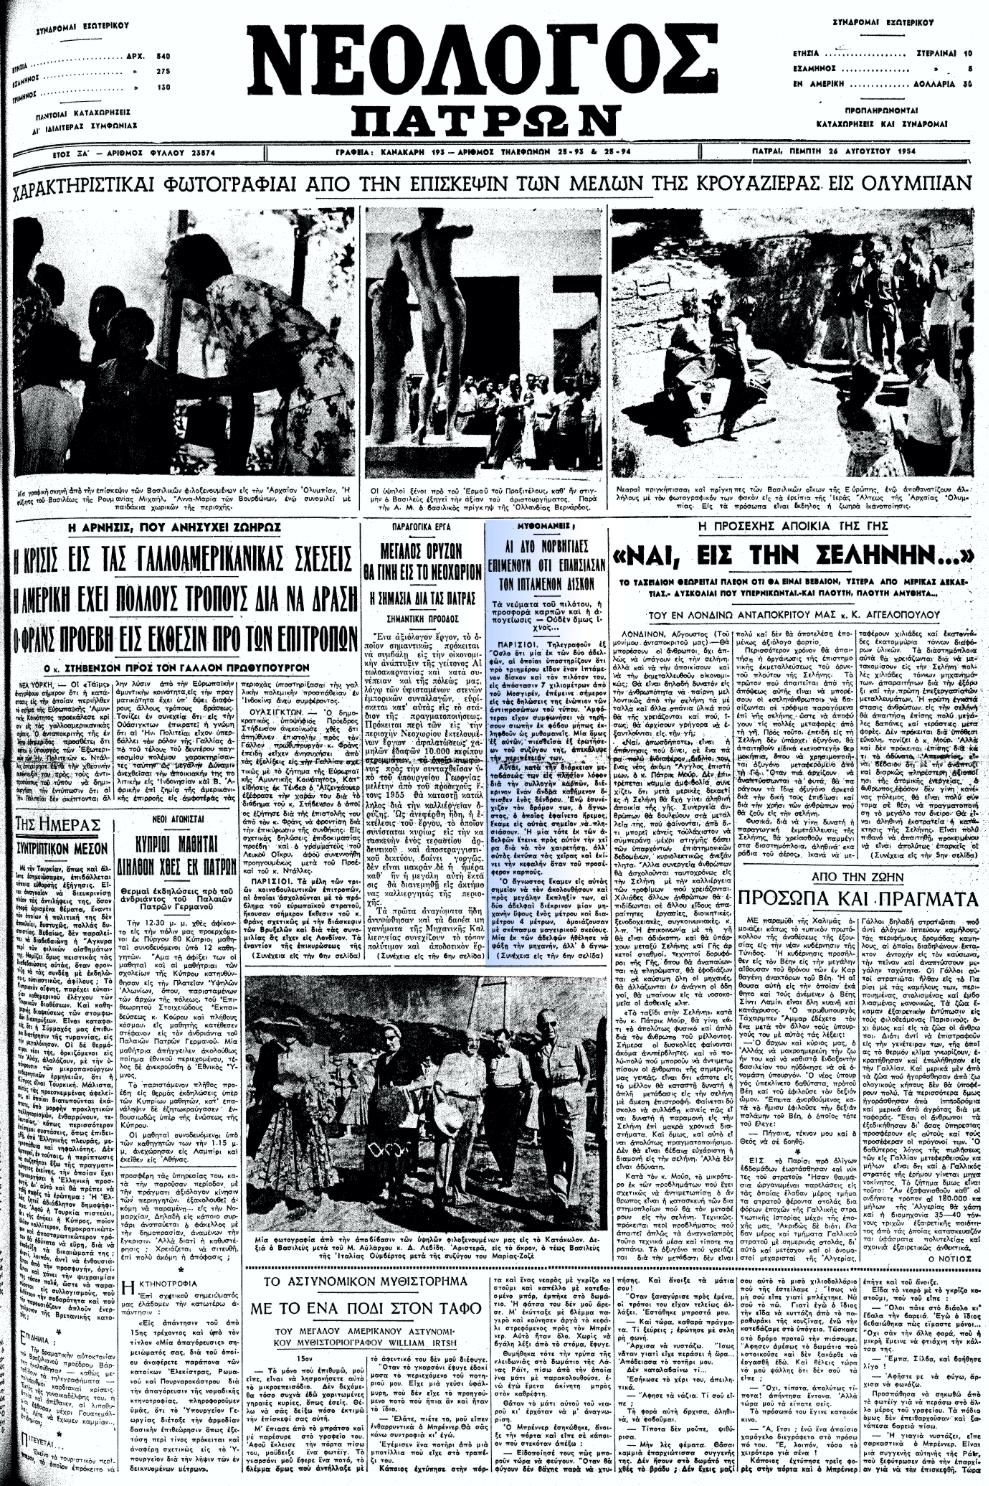 """Το άρθρο, όπως δημοσιεύθηκε στην εφημερίδα """"ΝΕΟΛΟΓΟΣ ΠΑΤΡΩΝ"""", στις 26/08/1954"""